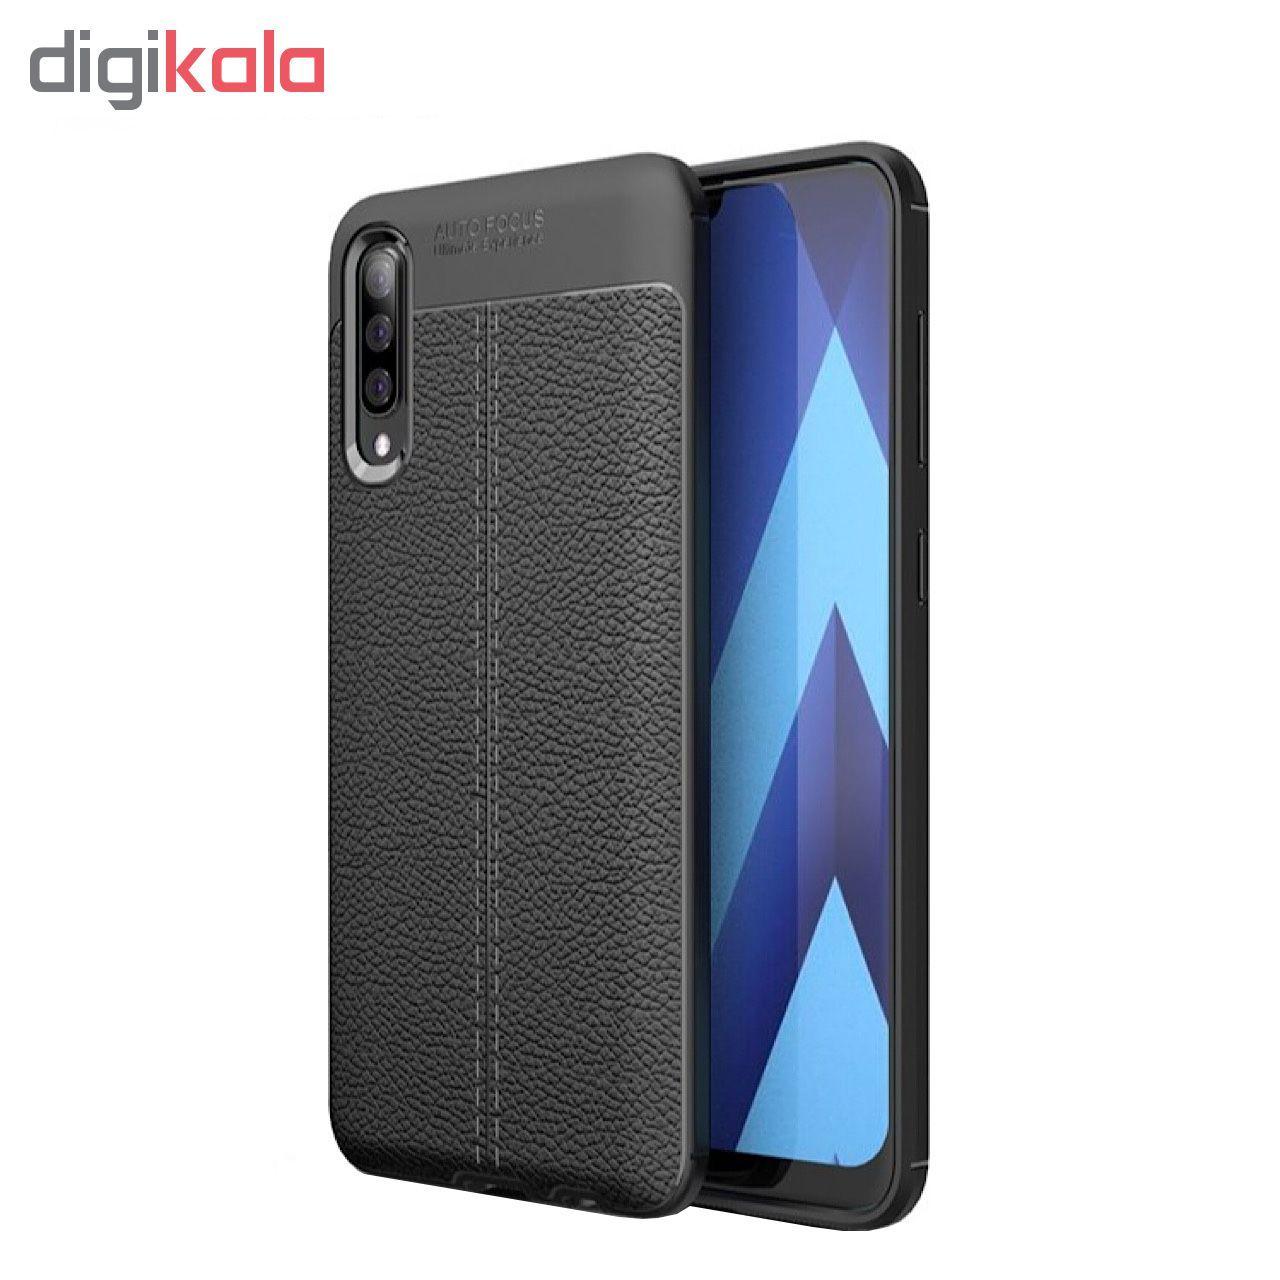 کاور مدل A1624 مناسب برای گوشی موبایل سامسونگ  Galaxy A50s / A50 / A30s main 1 1